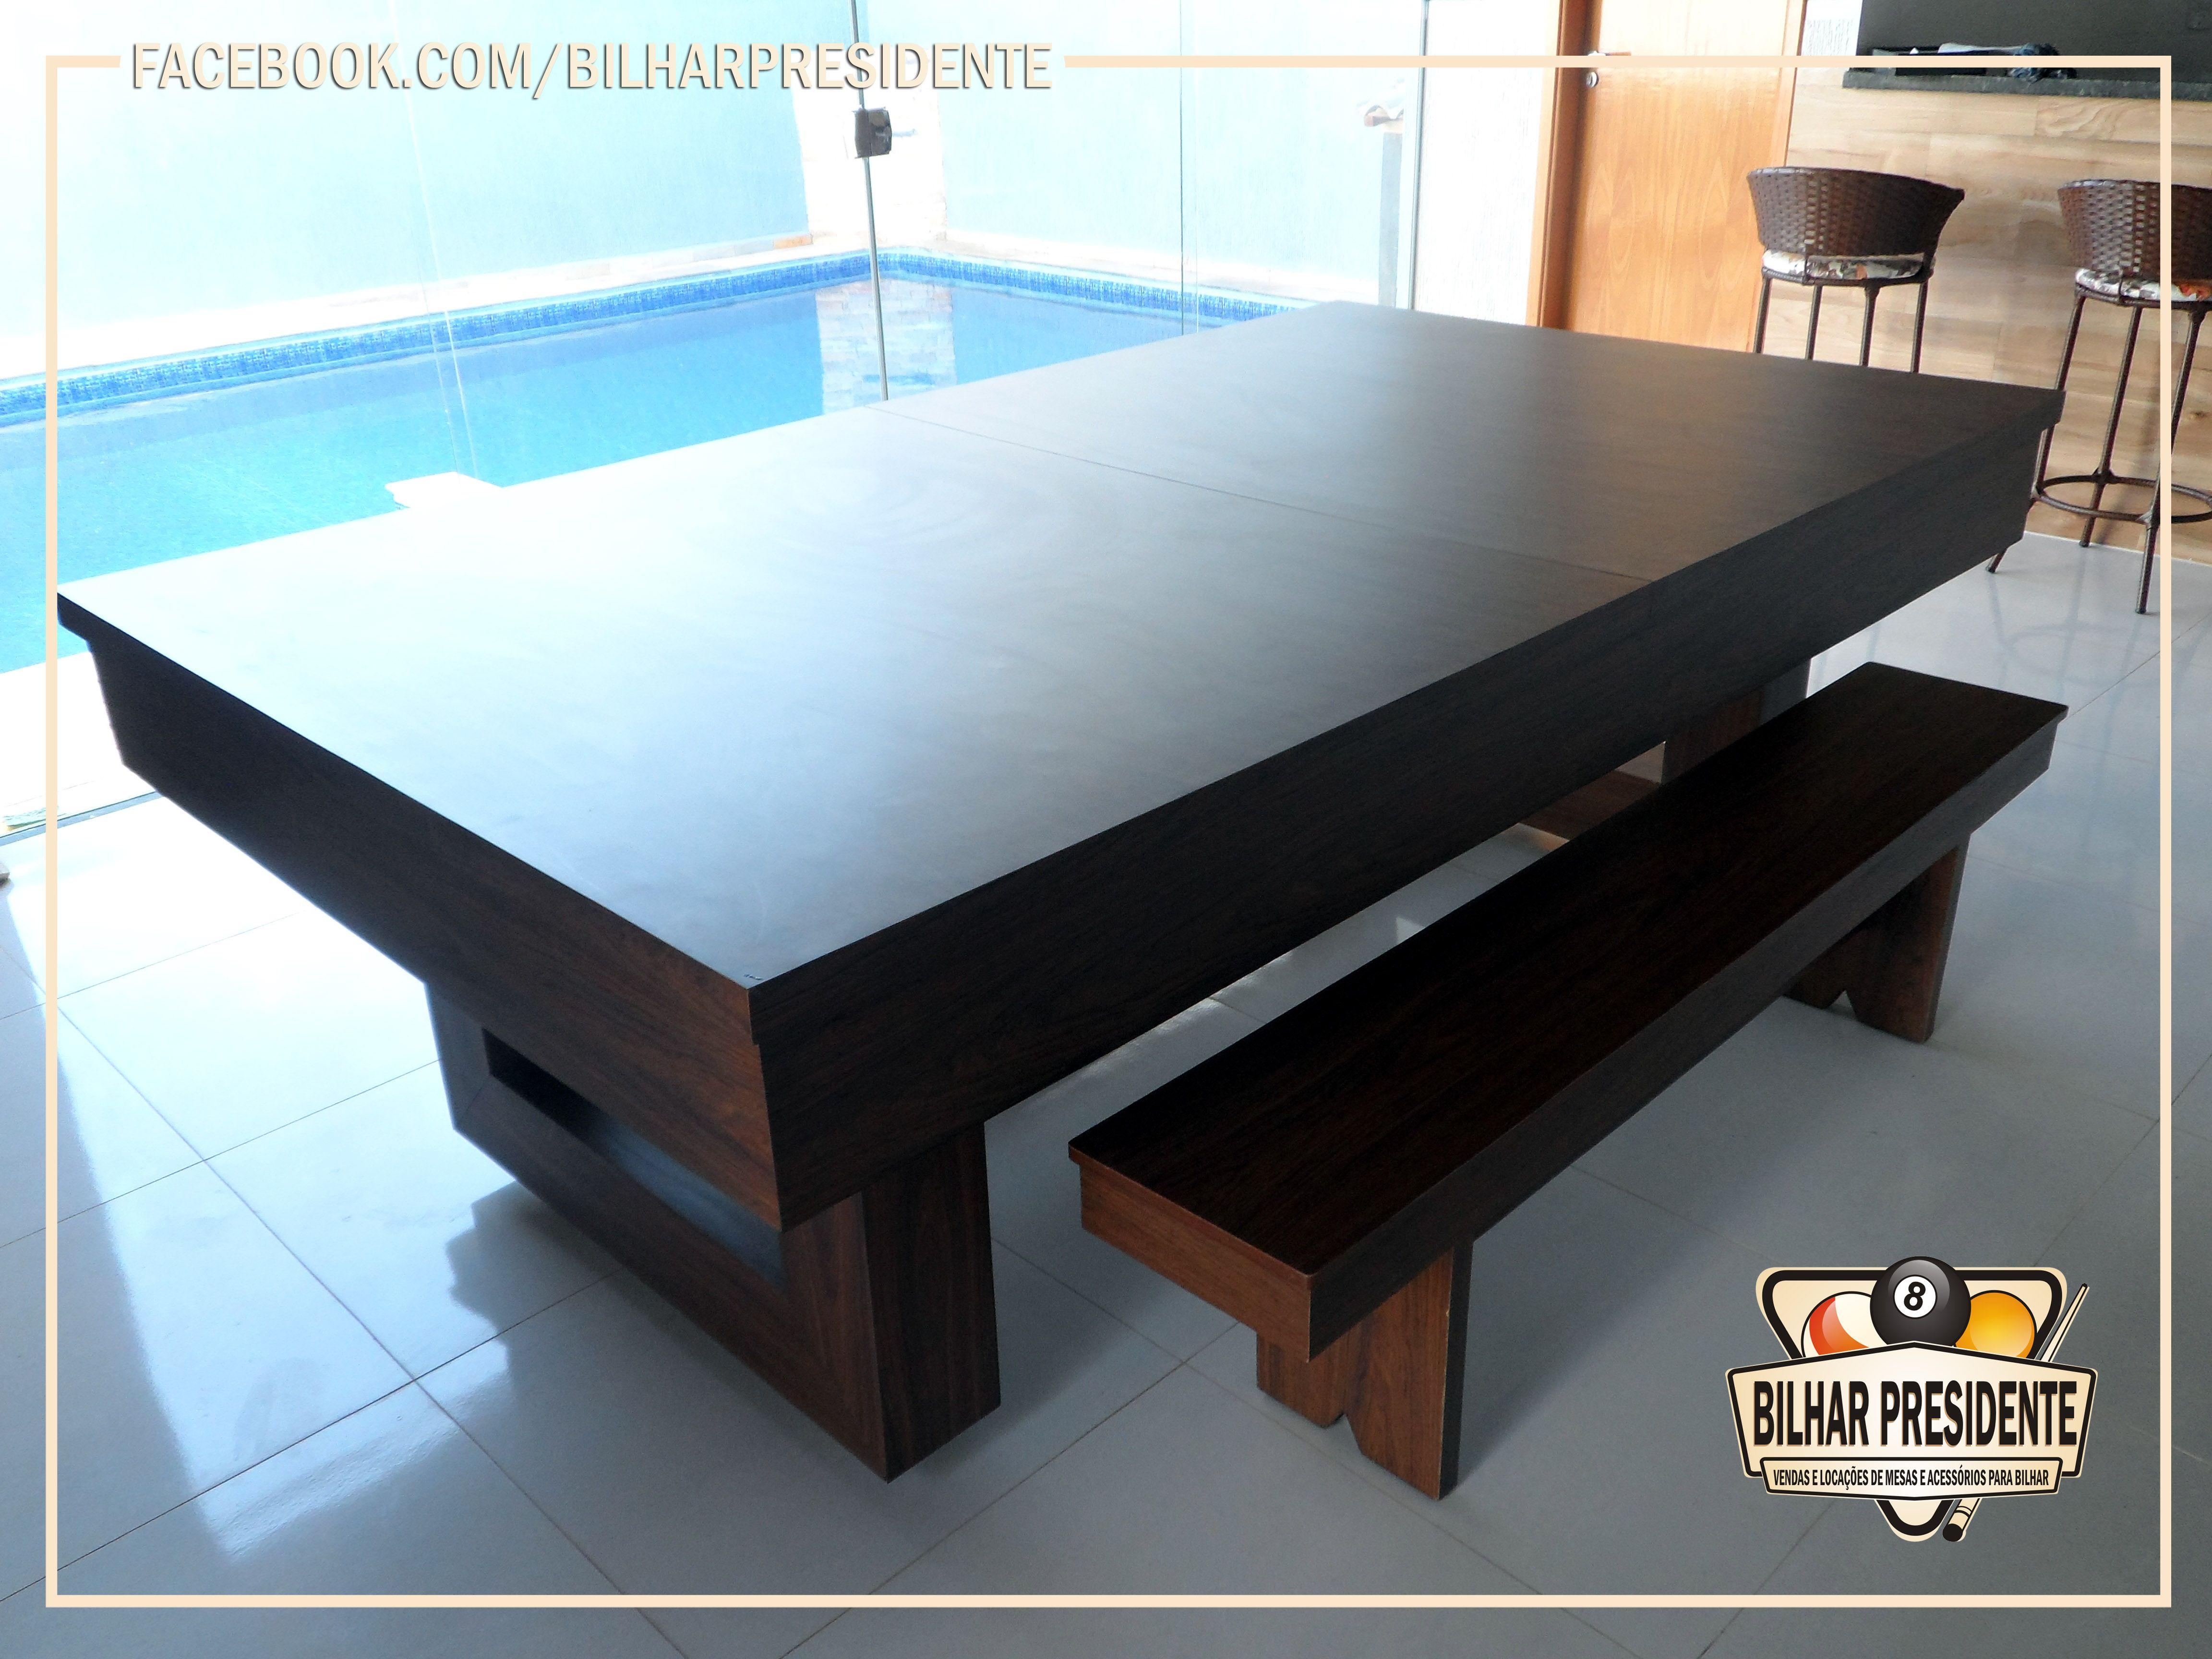 5c5b36805 Quando fechada com o tampo é uma belíssima mesa de jantar  sem ele é uma  mesa de sinuca de alto padrão. Tudo isso enriquecendo o espaço e deixando-o  ainda ...